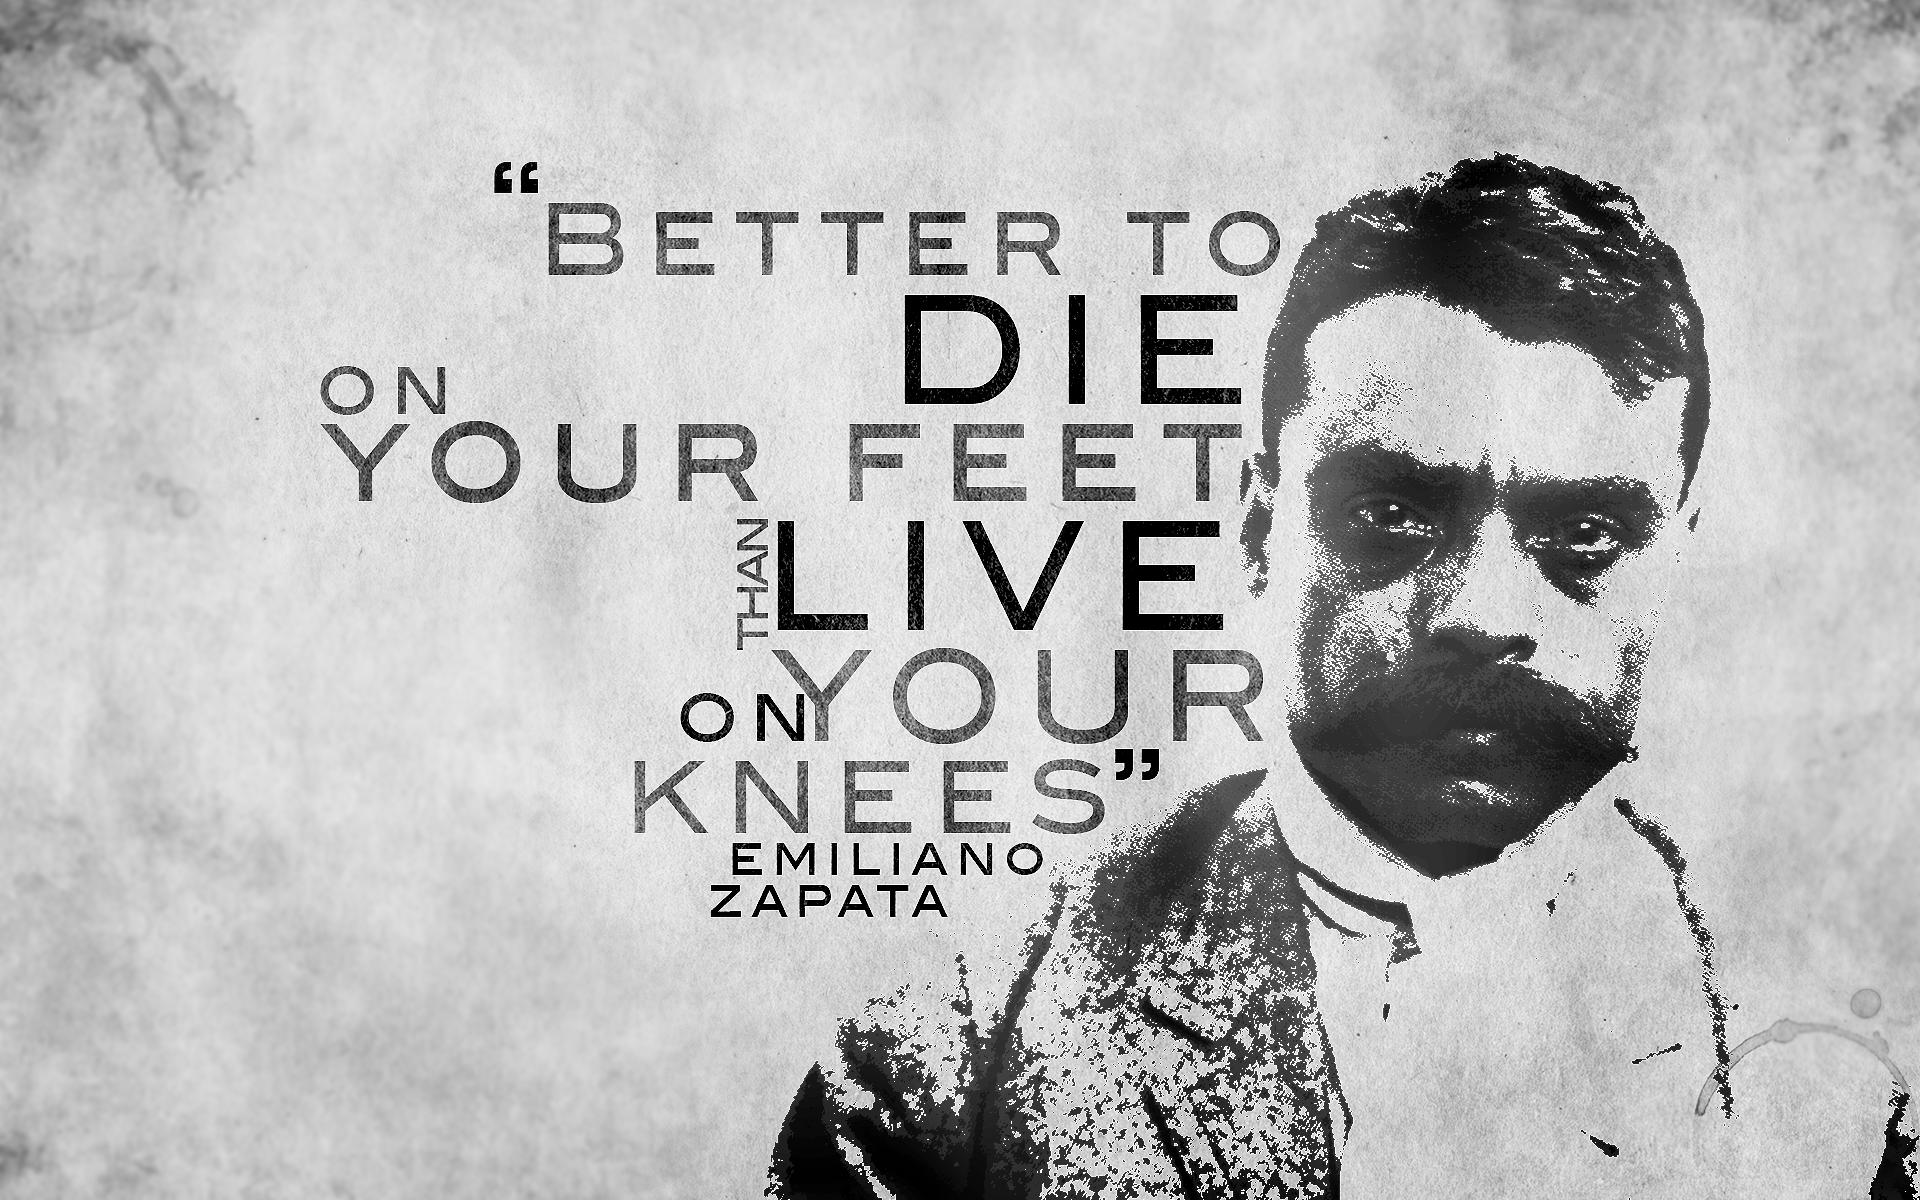 31 Emiliano Zapata by sfegraphics 1920x1200